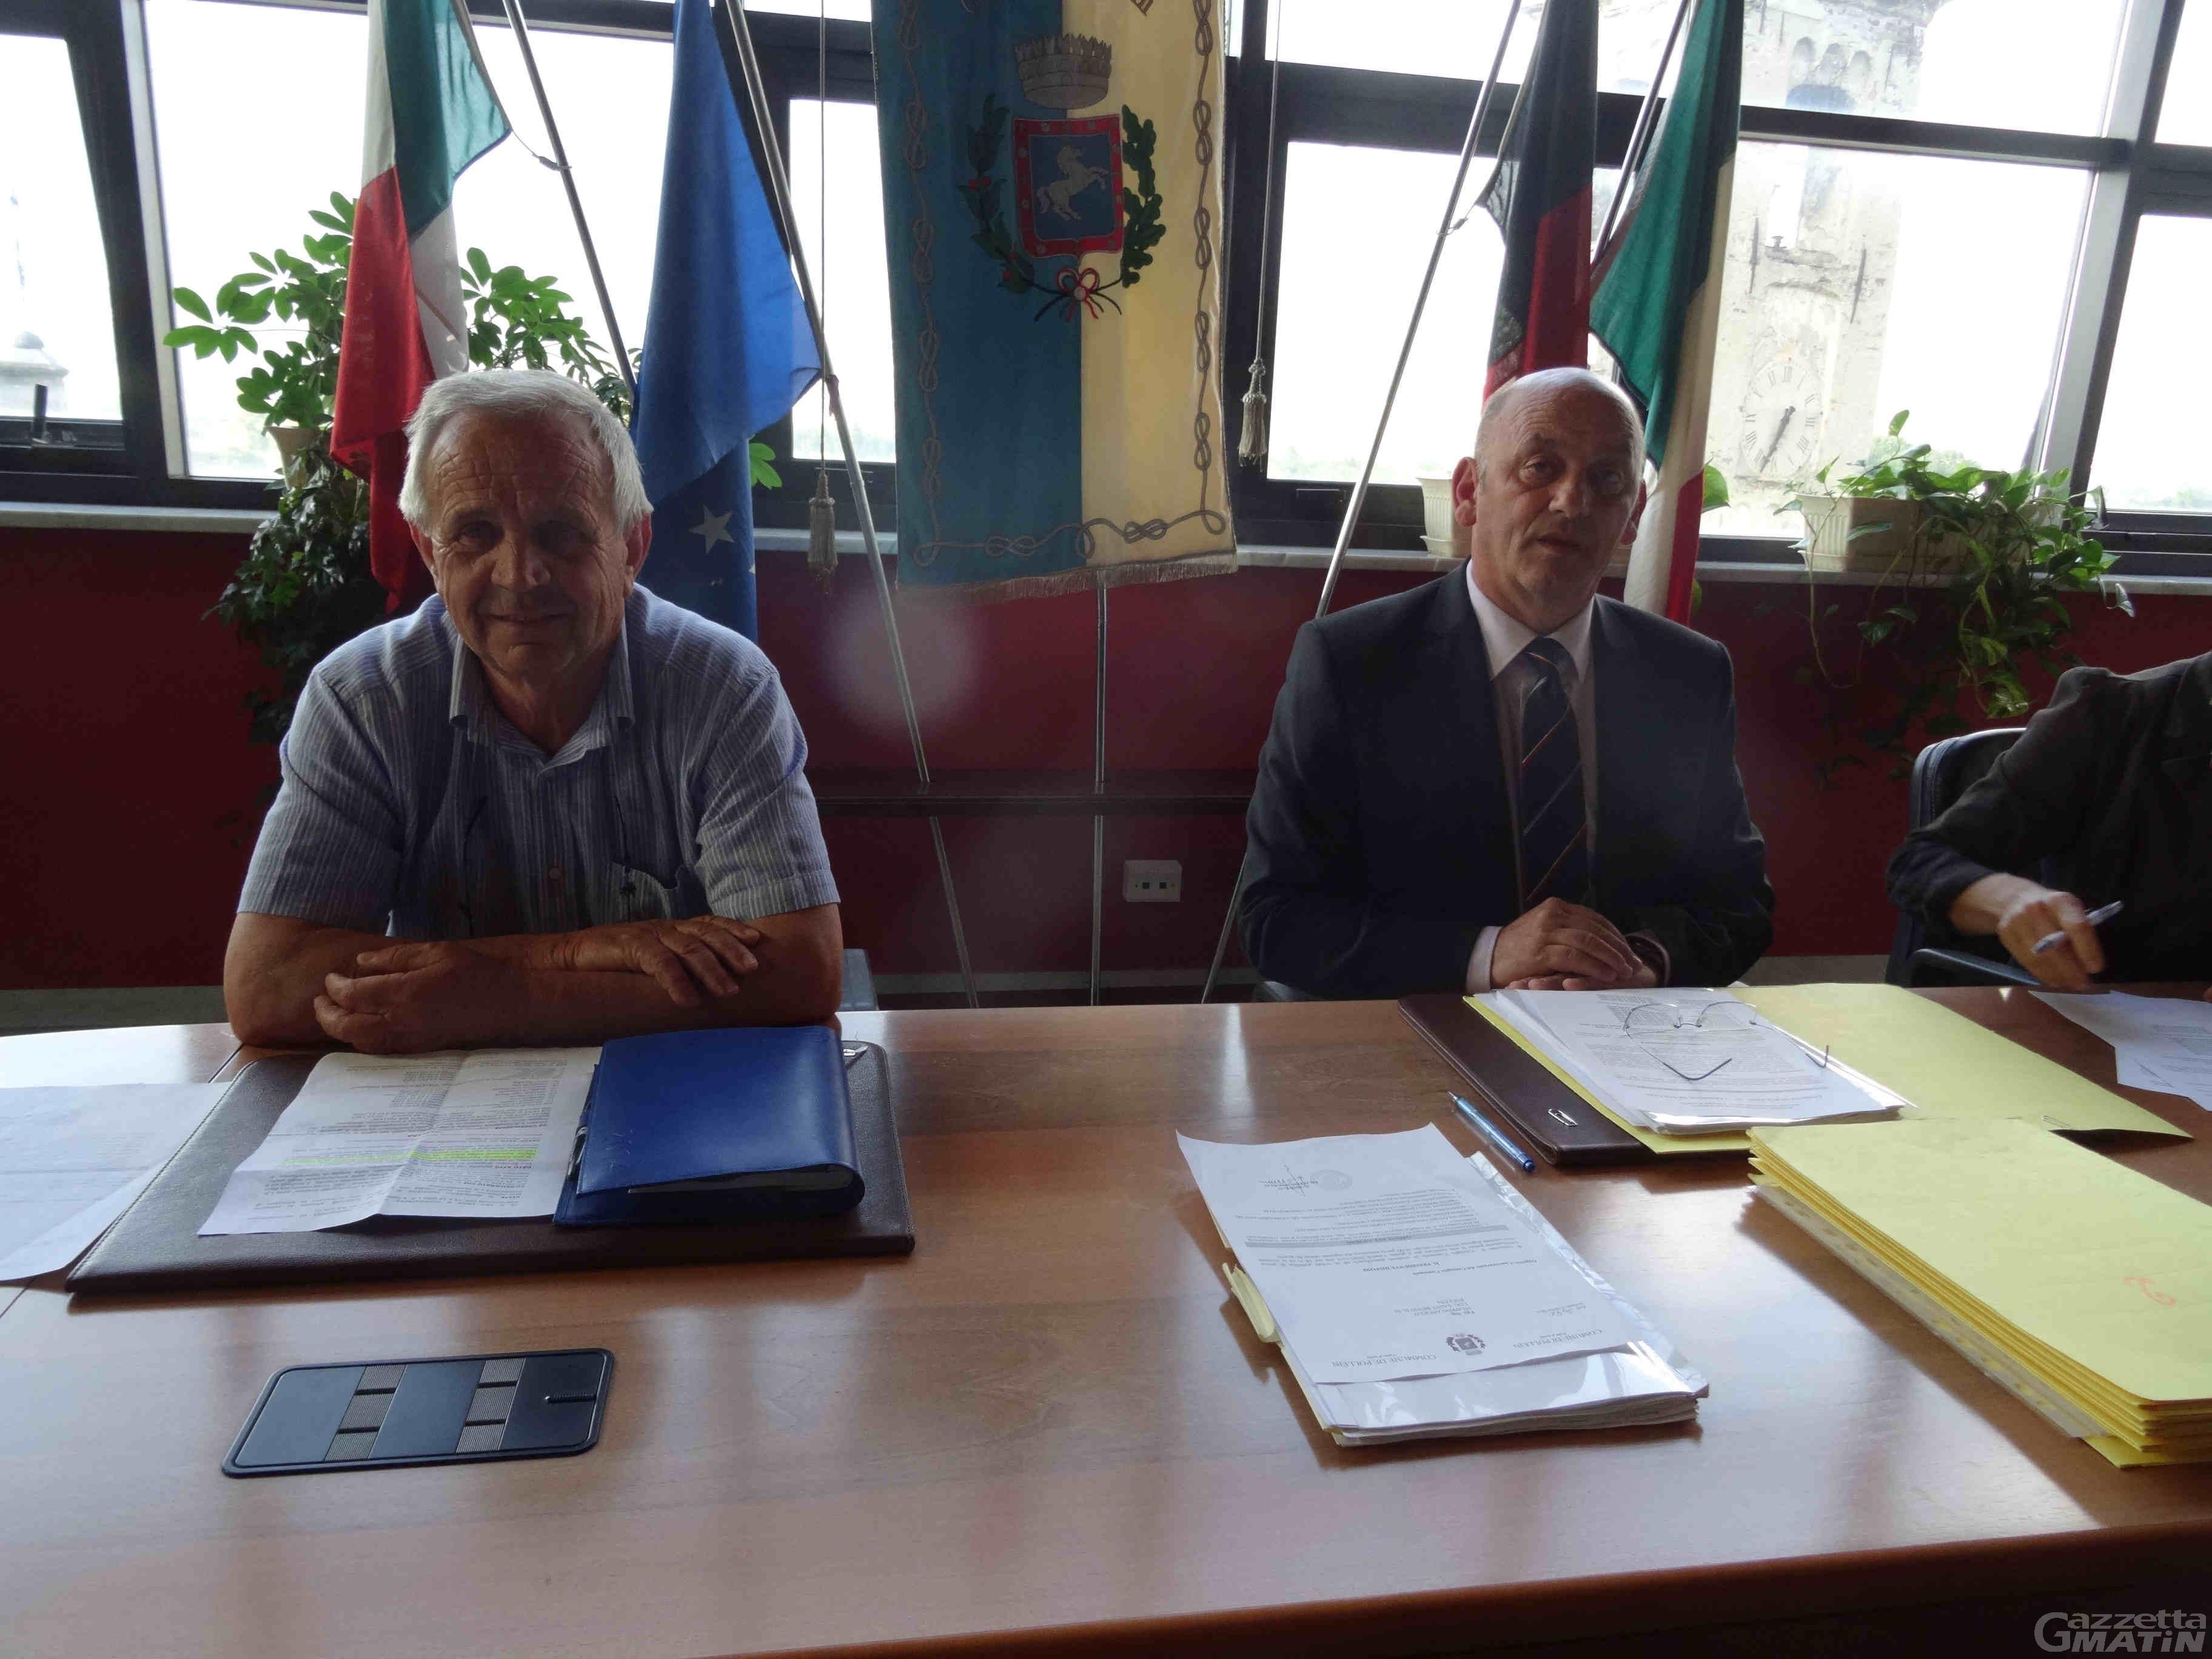 Comuni: Pollein, l'opposizione fa saltare il Consiglio comunale